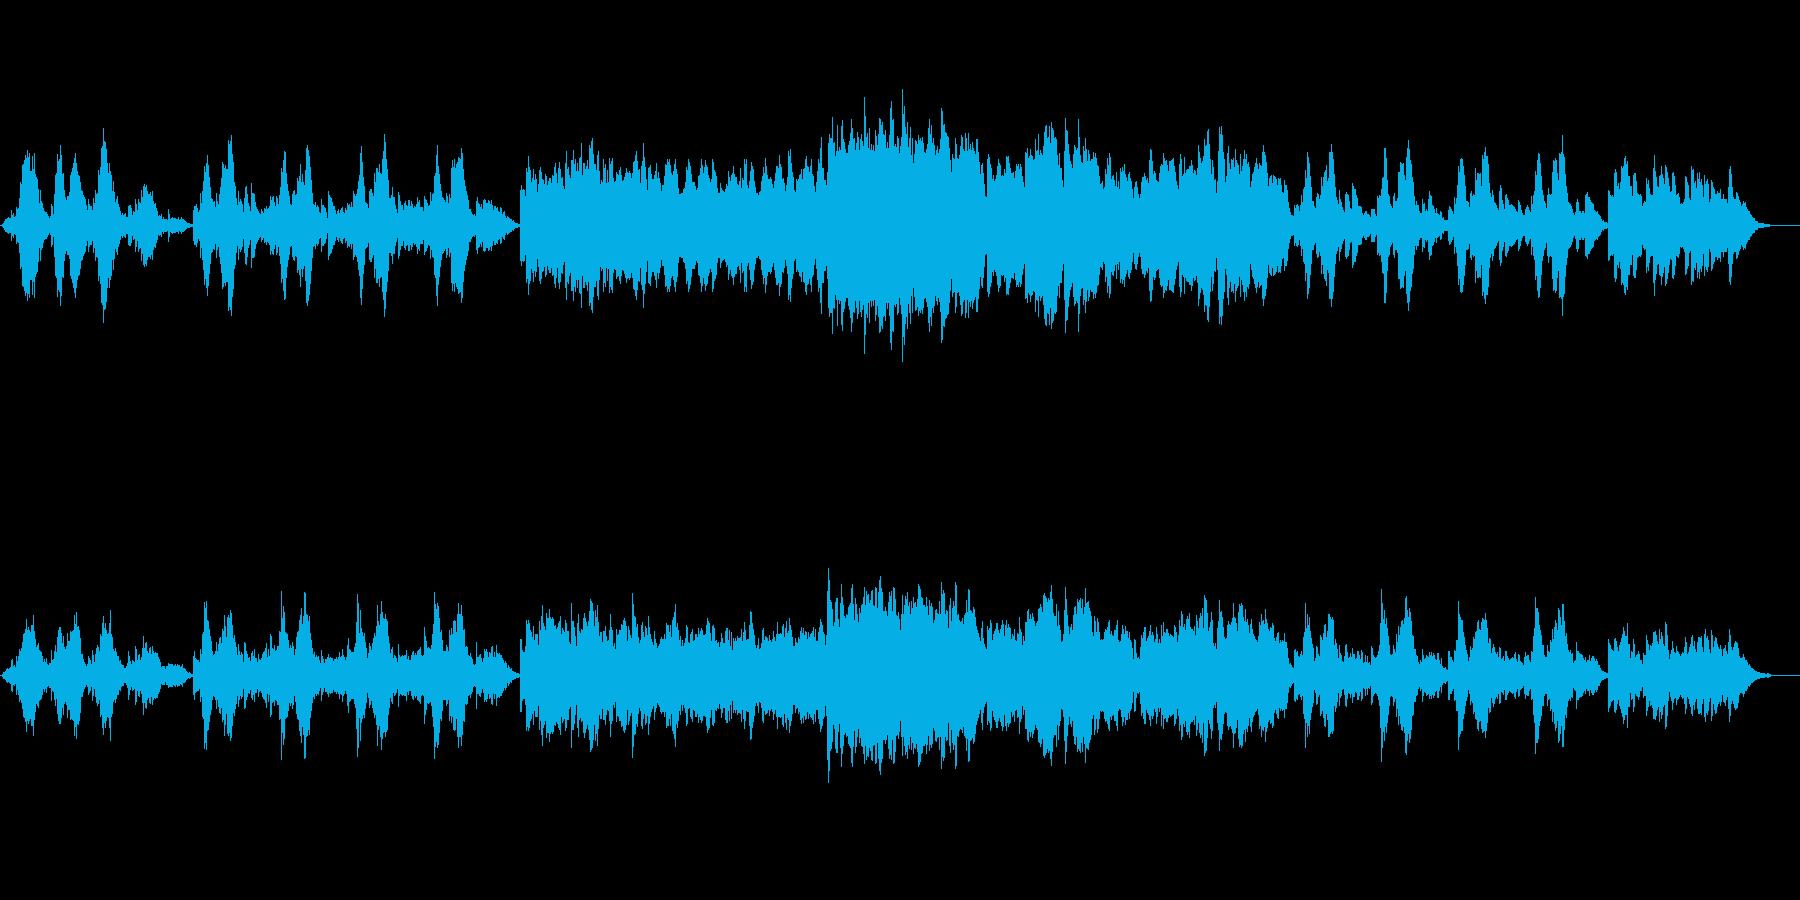 流れるピアノの旋律が印象的なインストの再生済みの波形